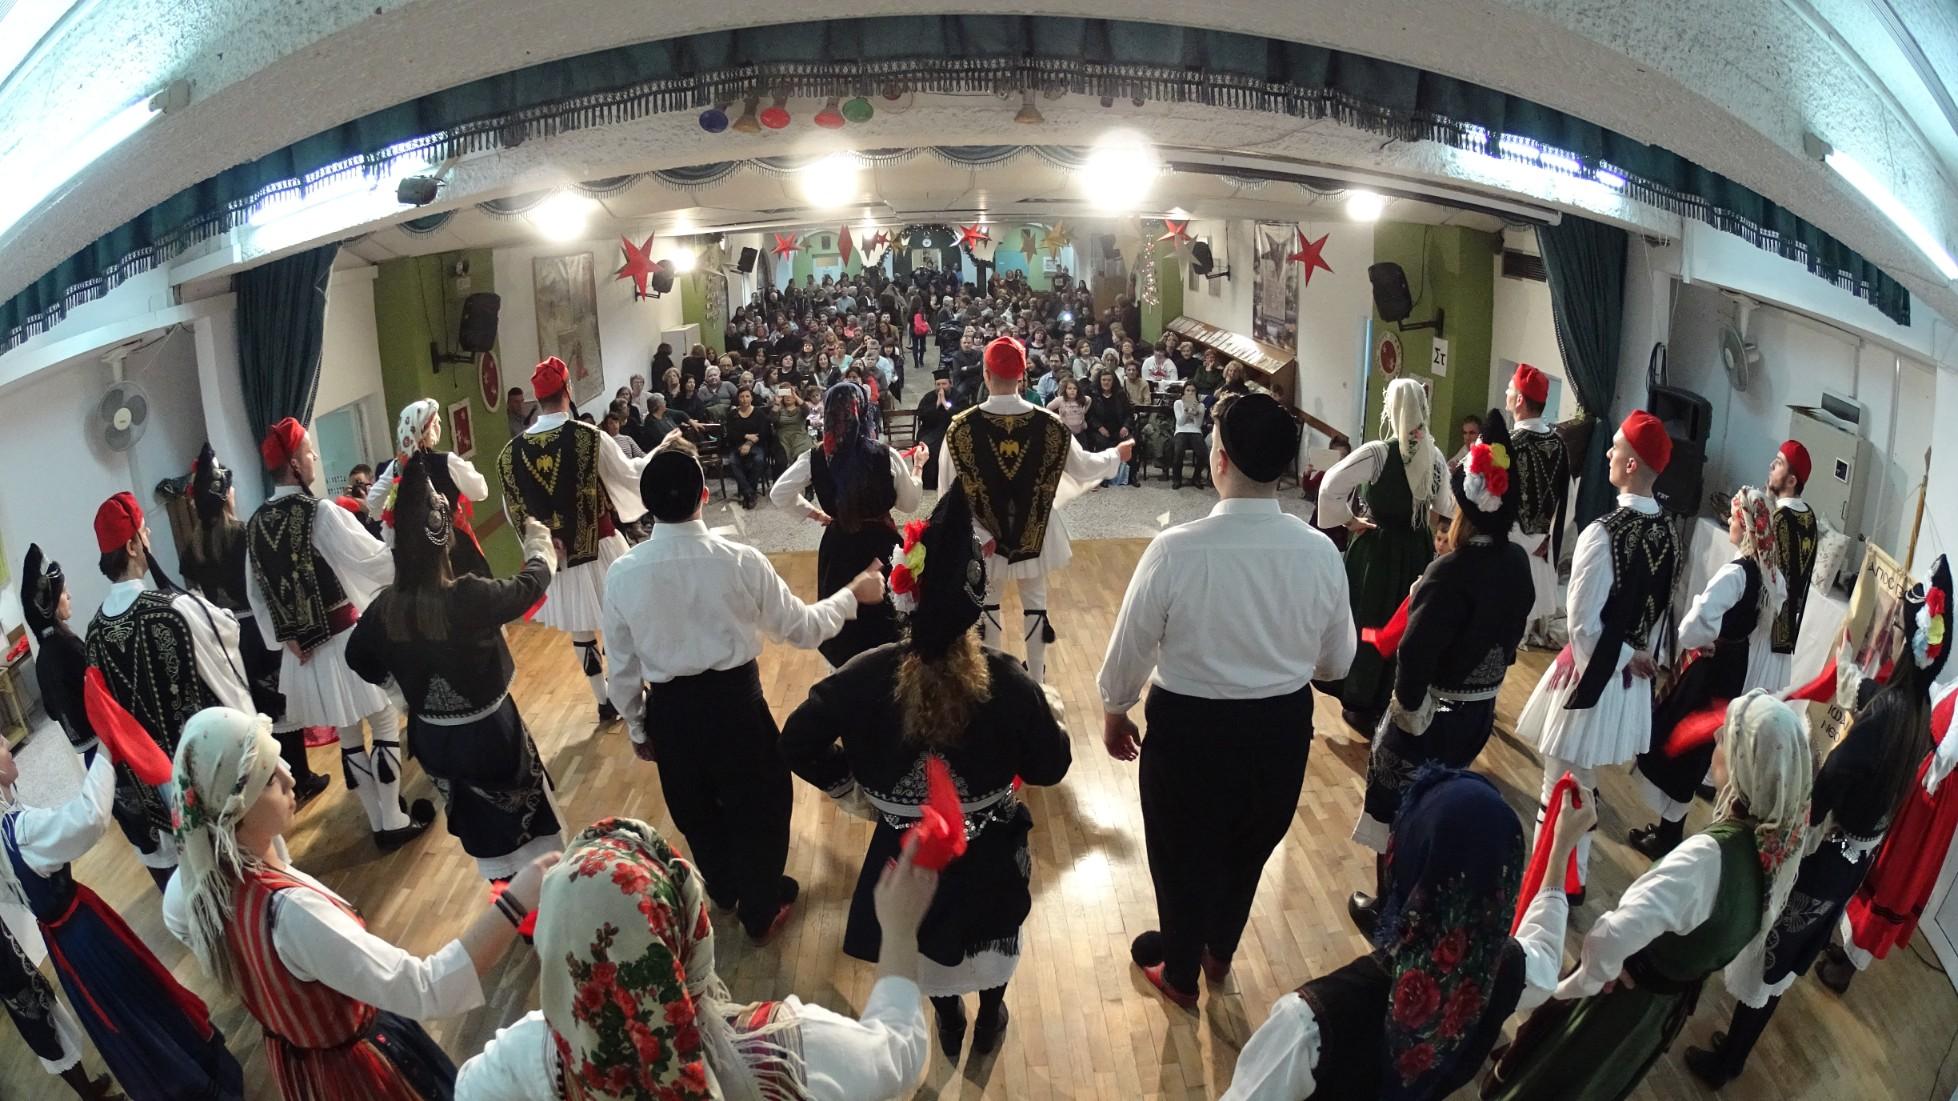 Εκδήλωση του Λαογραφικού Τμήματος προς τιμήν του Αη Γιώργη του Φουστανελά (Α΄ μέρος)